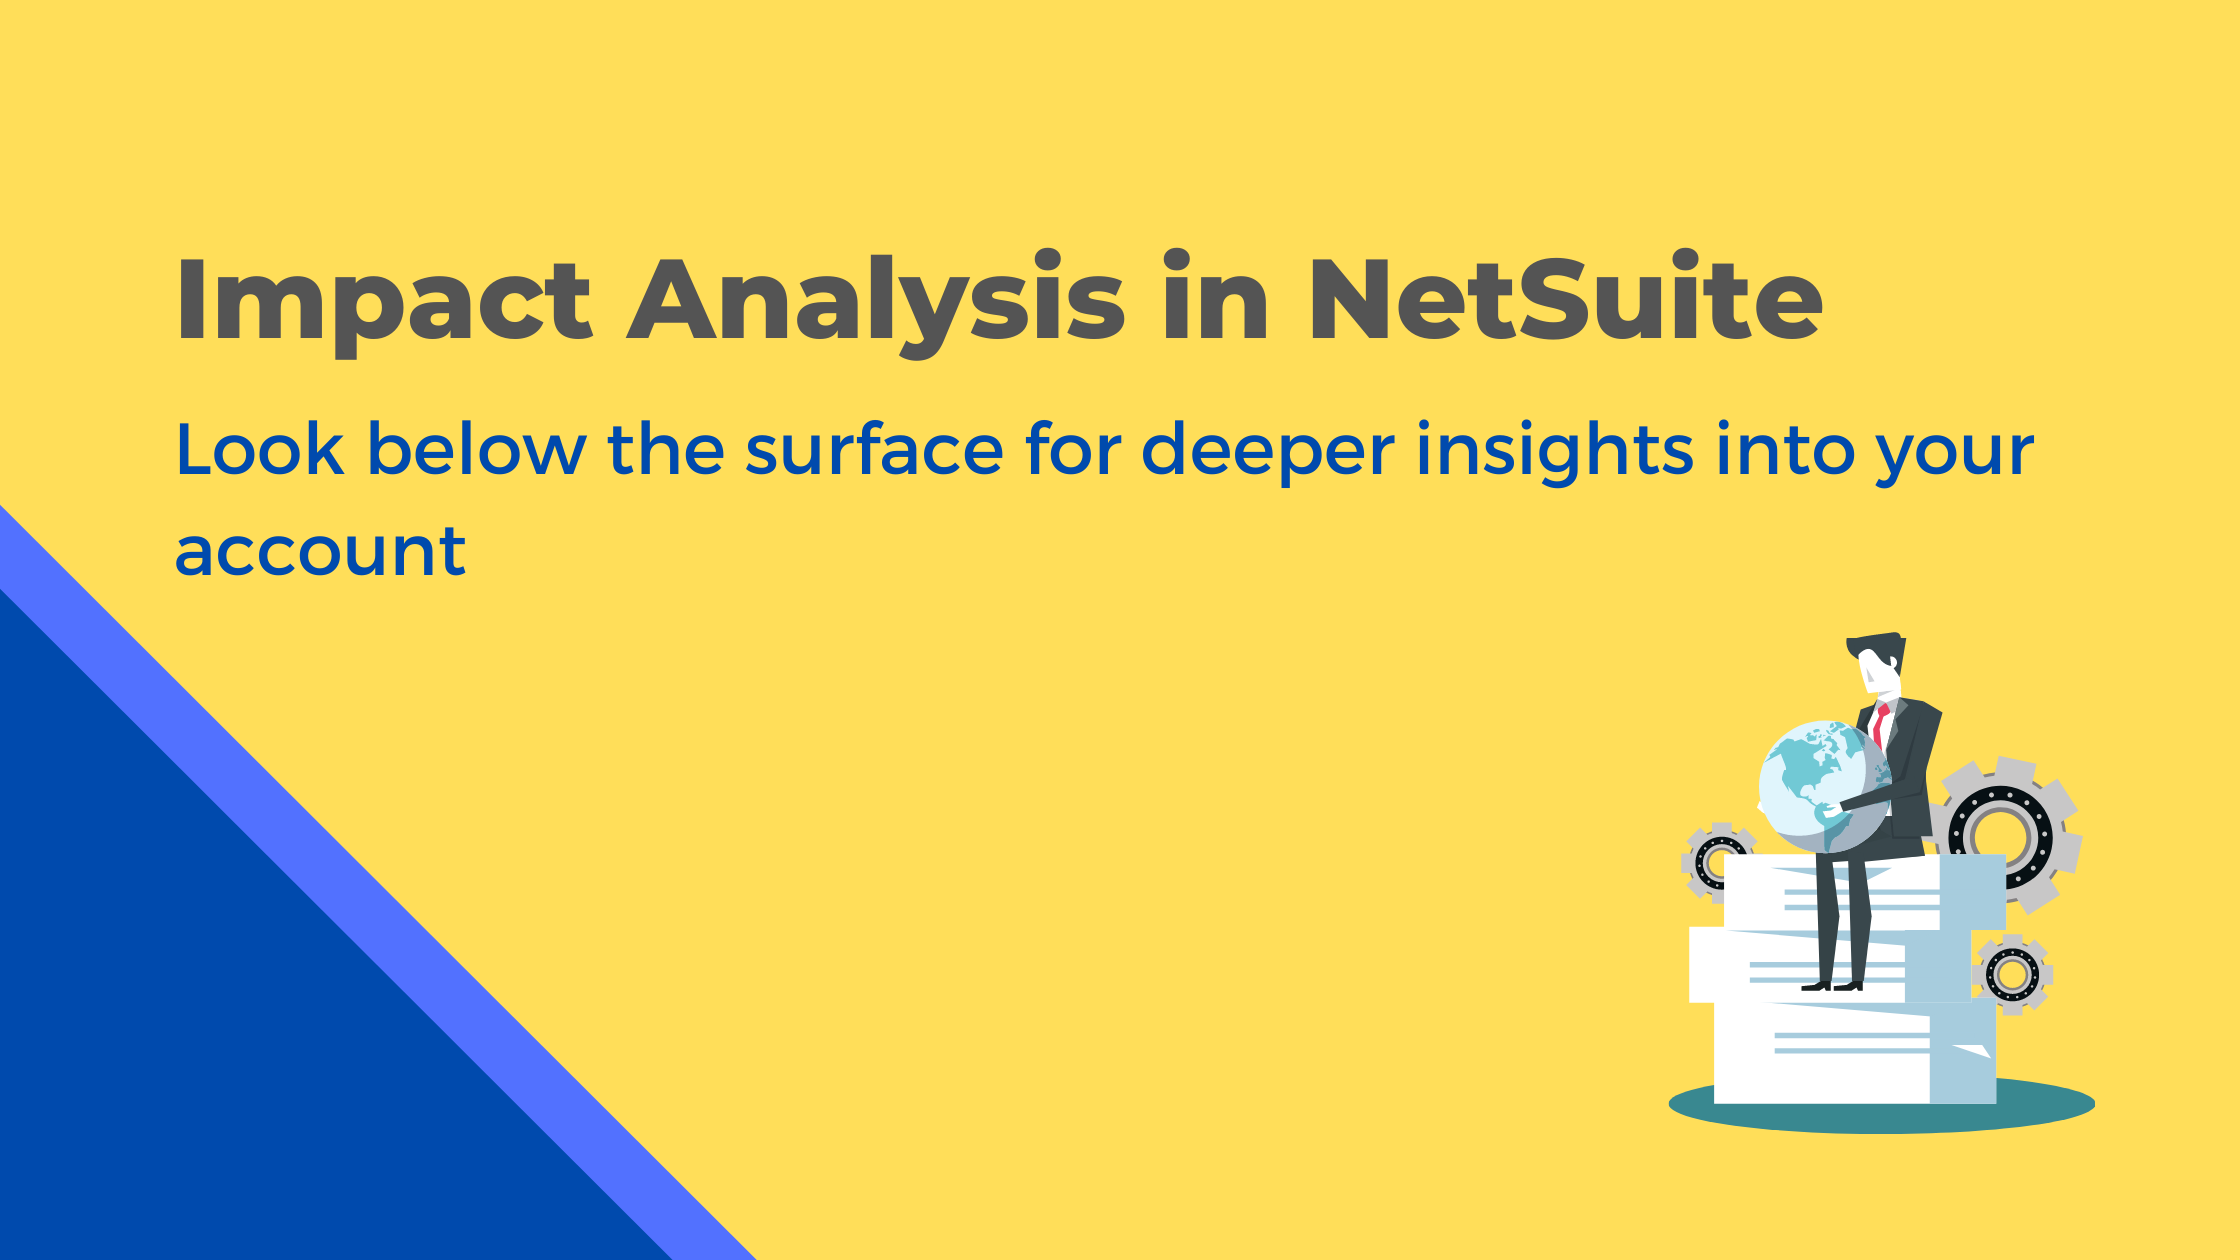 NetSuite Impact Analysis (1)